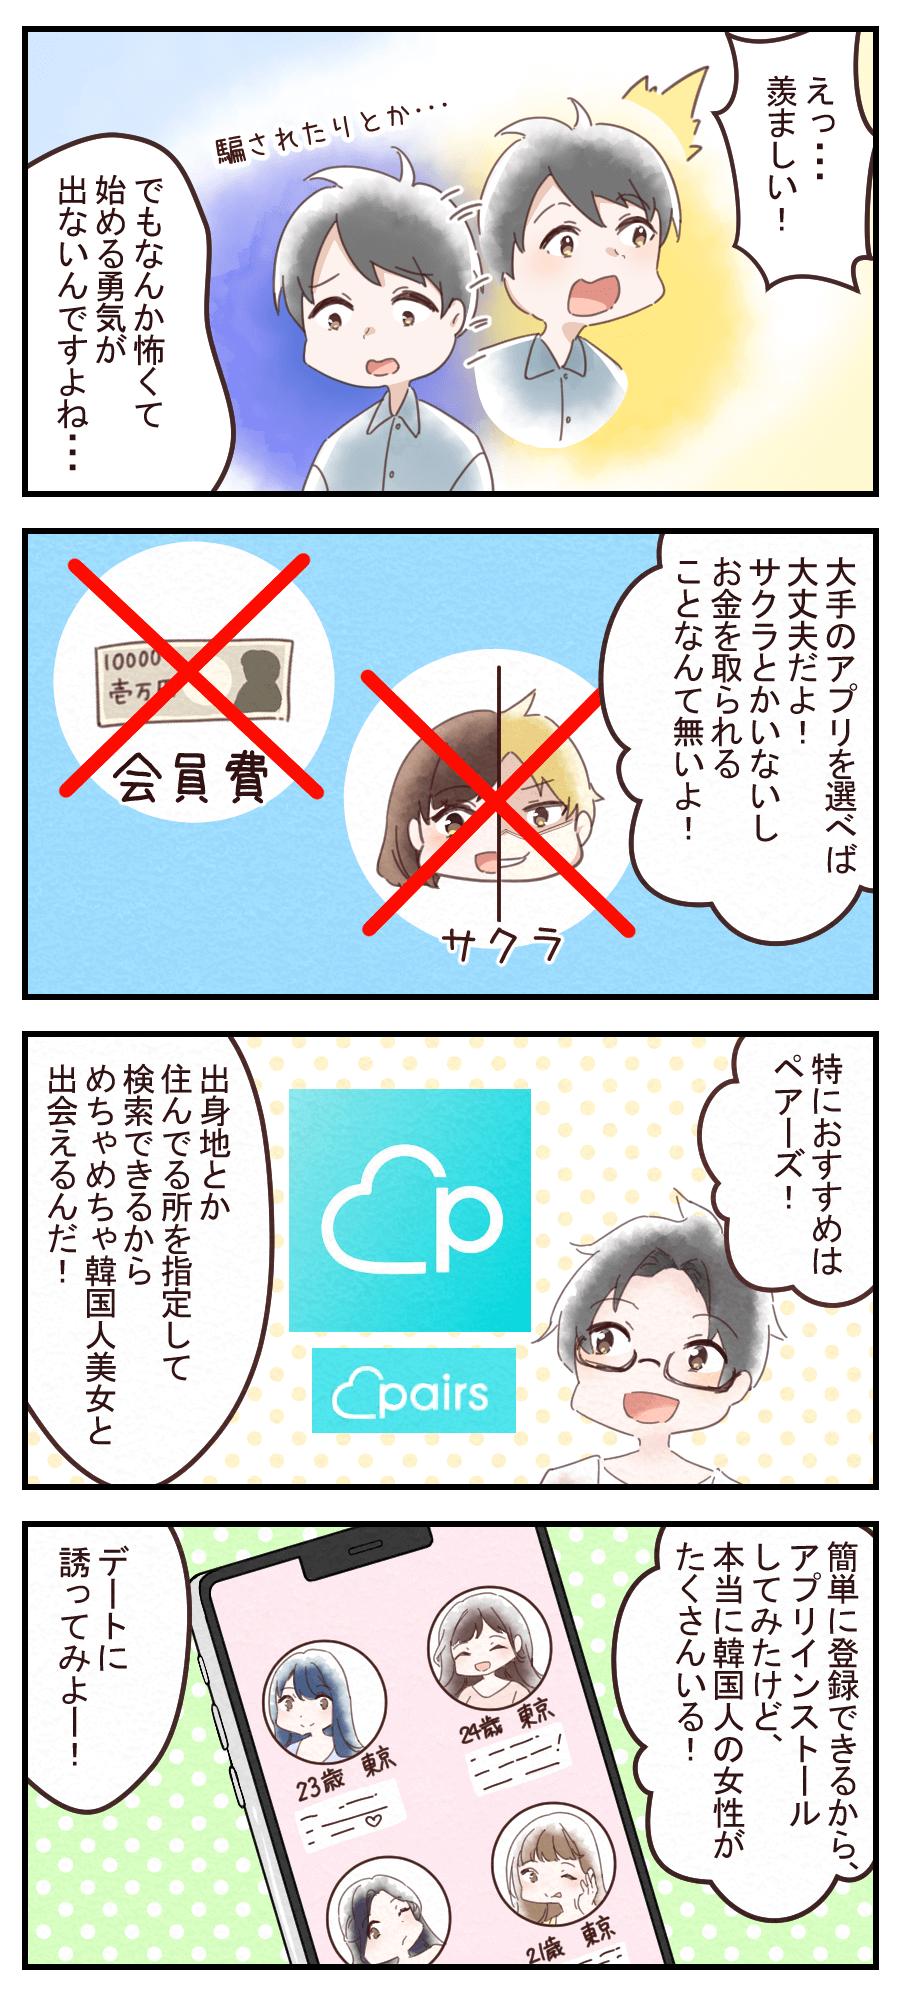 韓国人漫画2